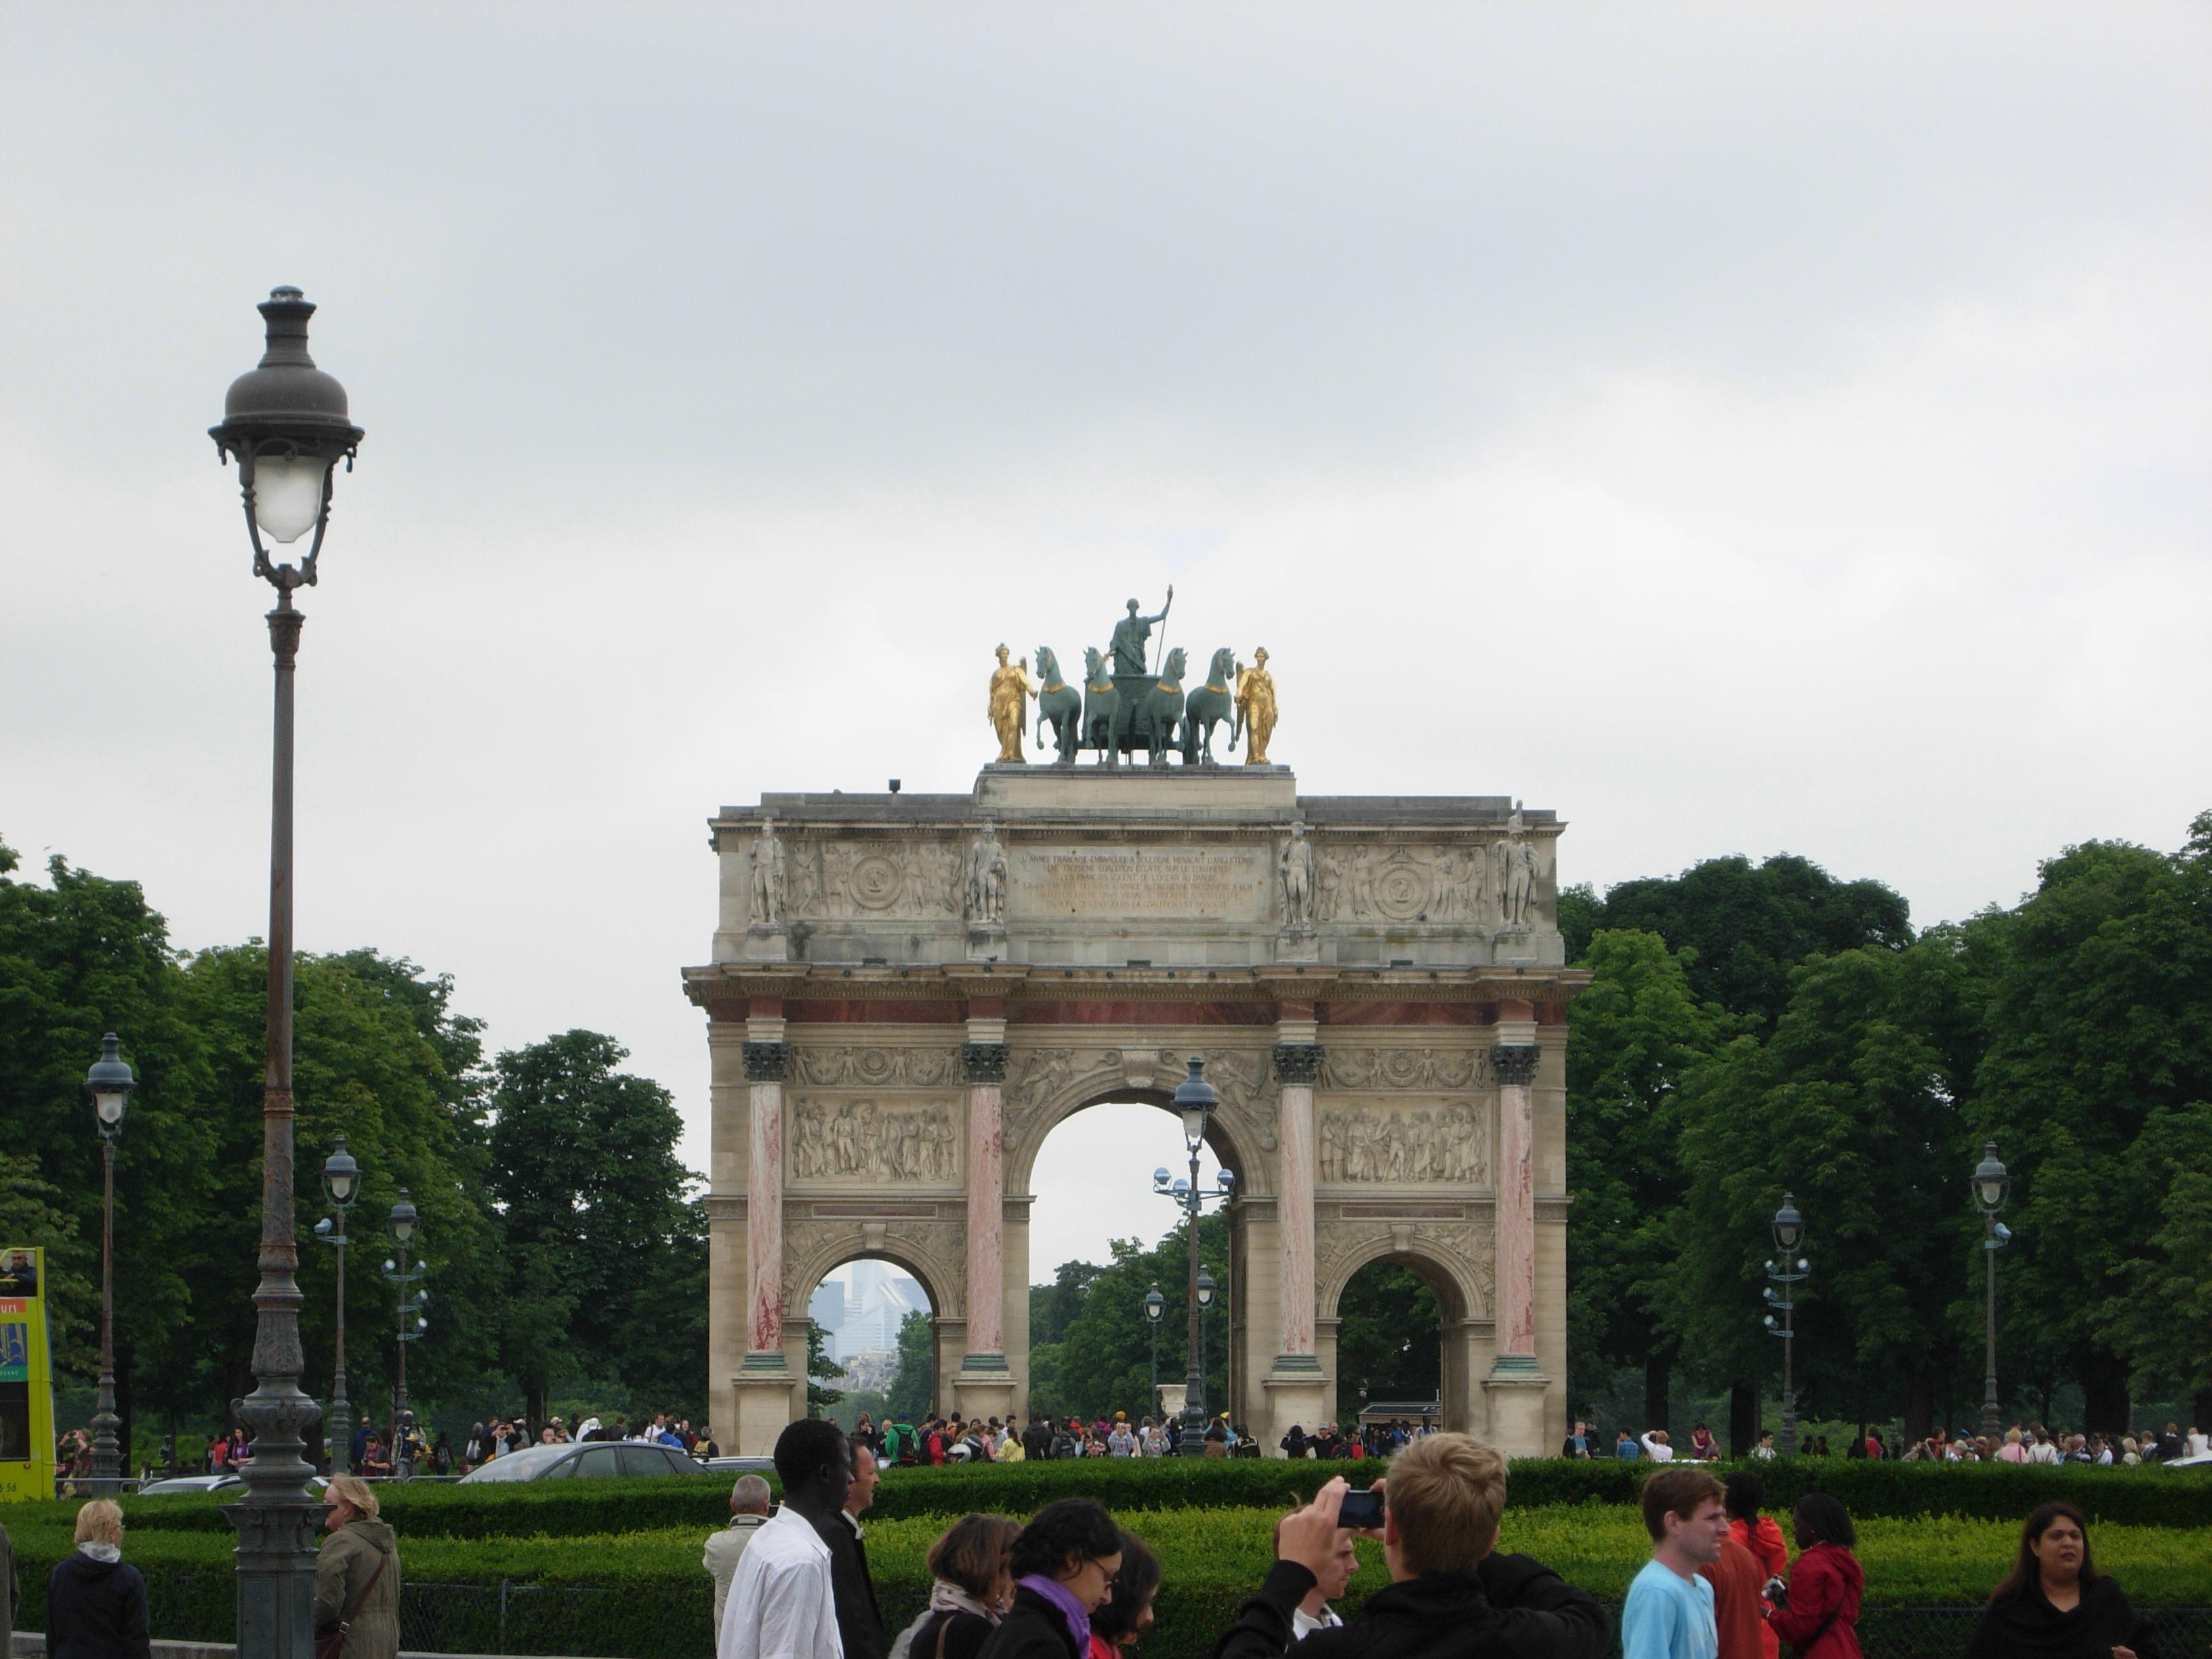 文化巴黎的魅力——卢浮宫、凯旋门……_图1-5